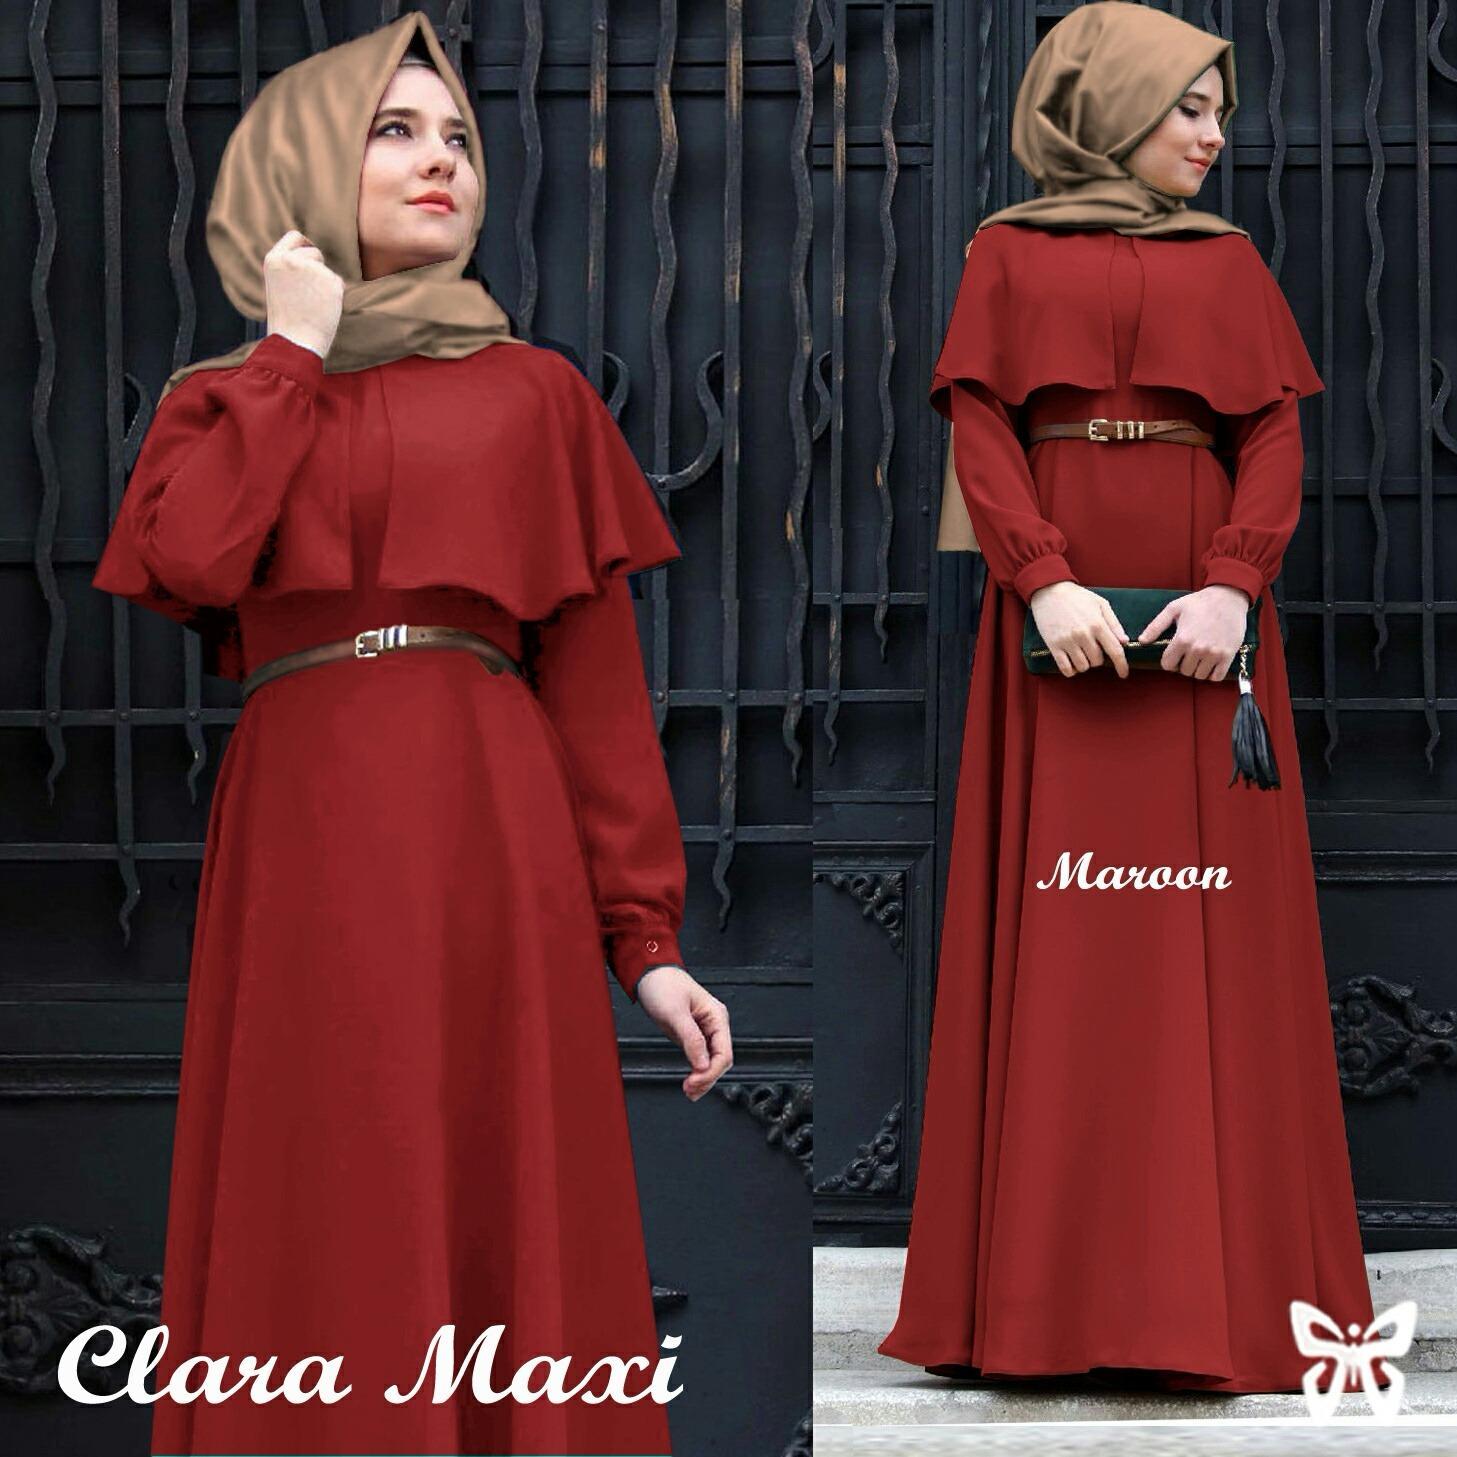 SM Grosir SM1001 Baju Muslim / Maxi Muslim / Busana Muslim / Maxi Murah / Gamis Cantik / Gamis Pesta